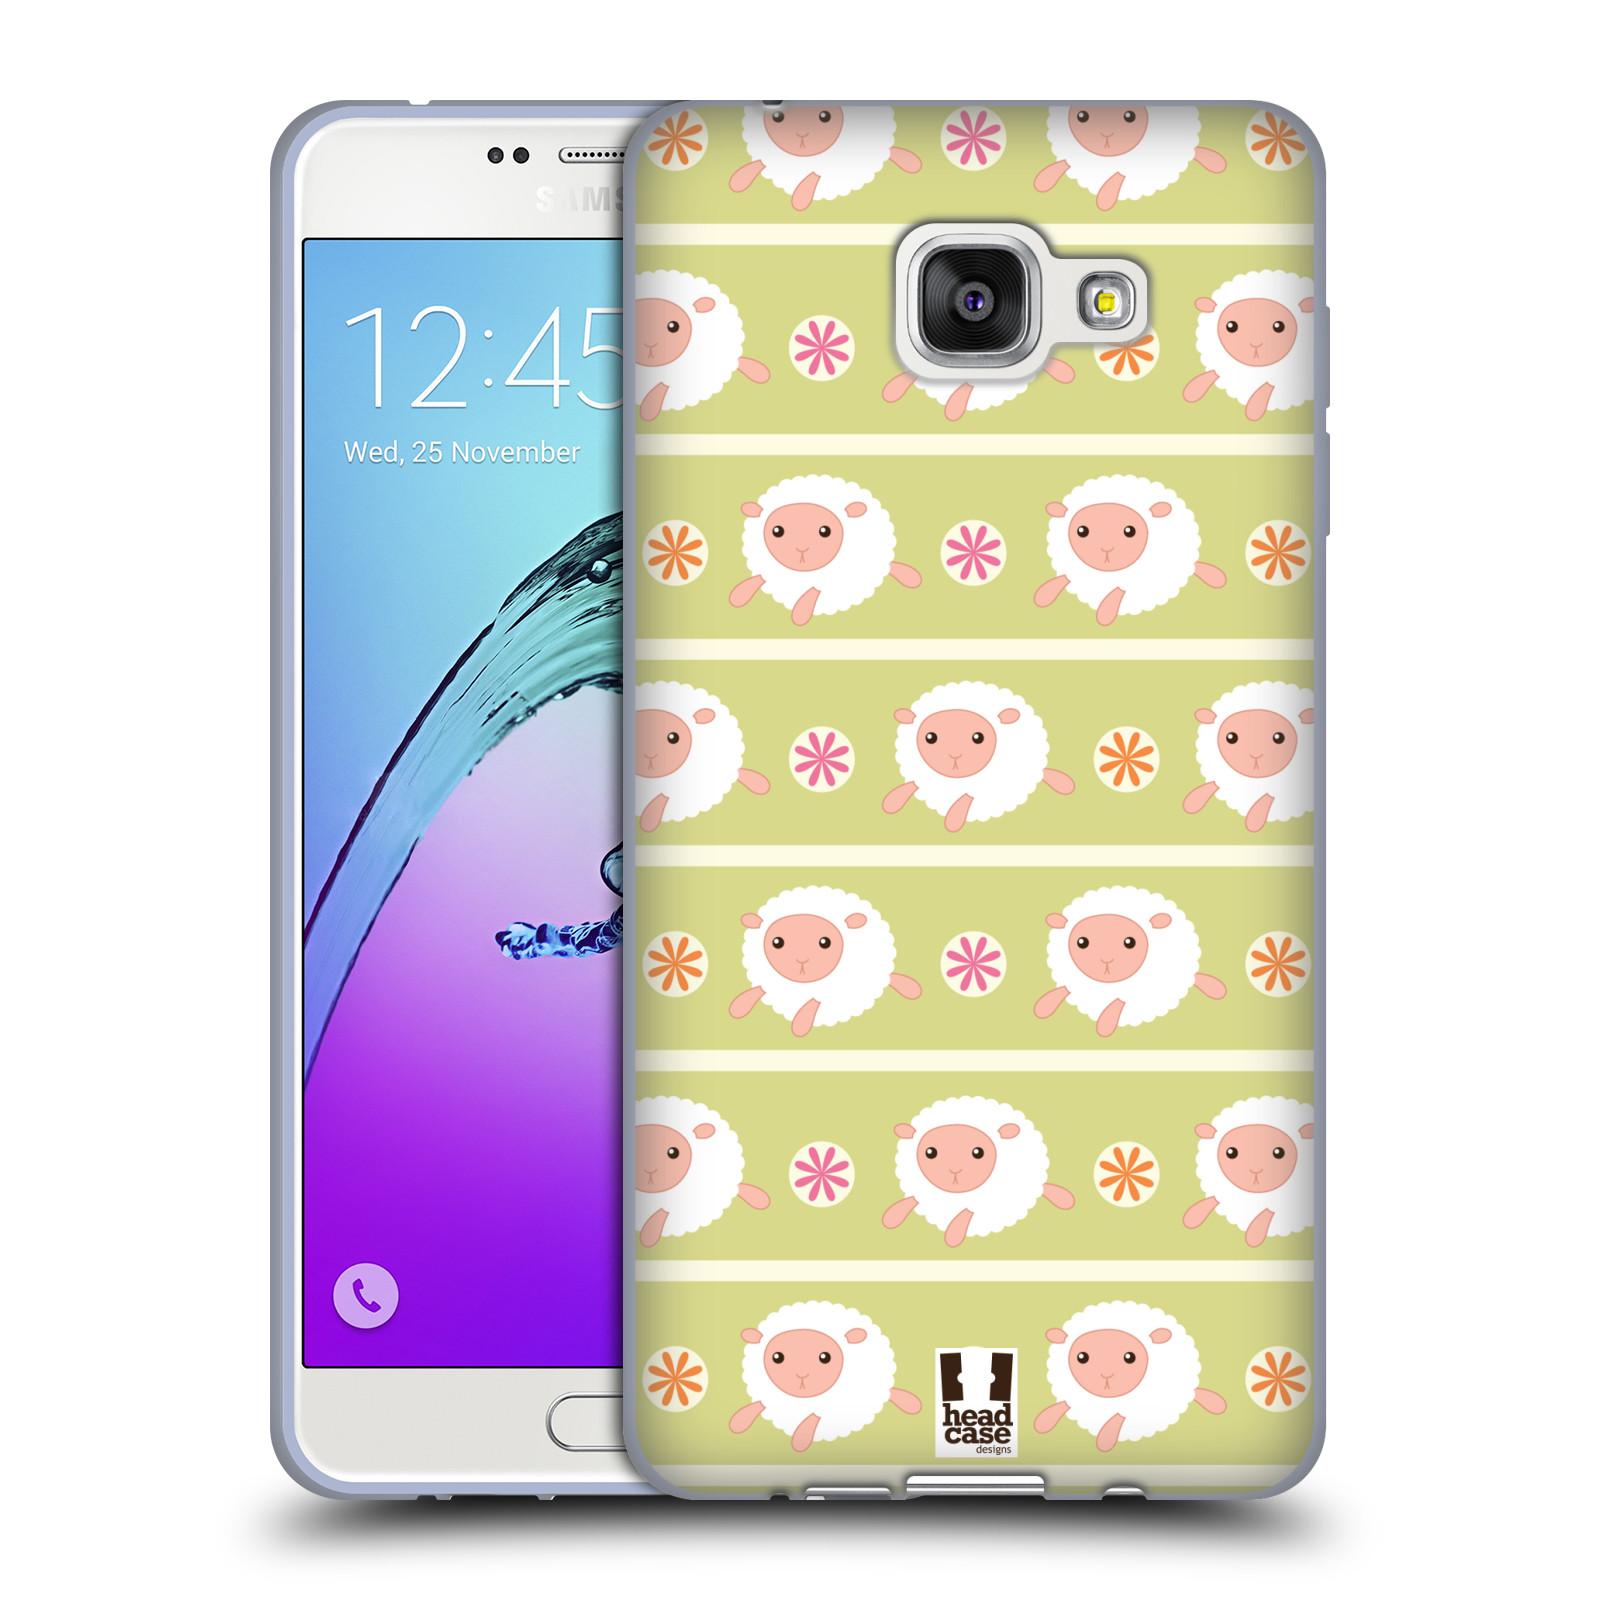 HEAD CASE silikonový obal na mobil Samsung Galaxy A7 (2016) vzor roztomilé zvířecí vzory ovečky